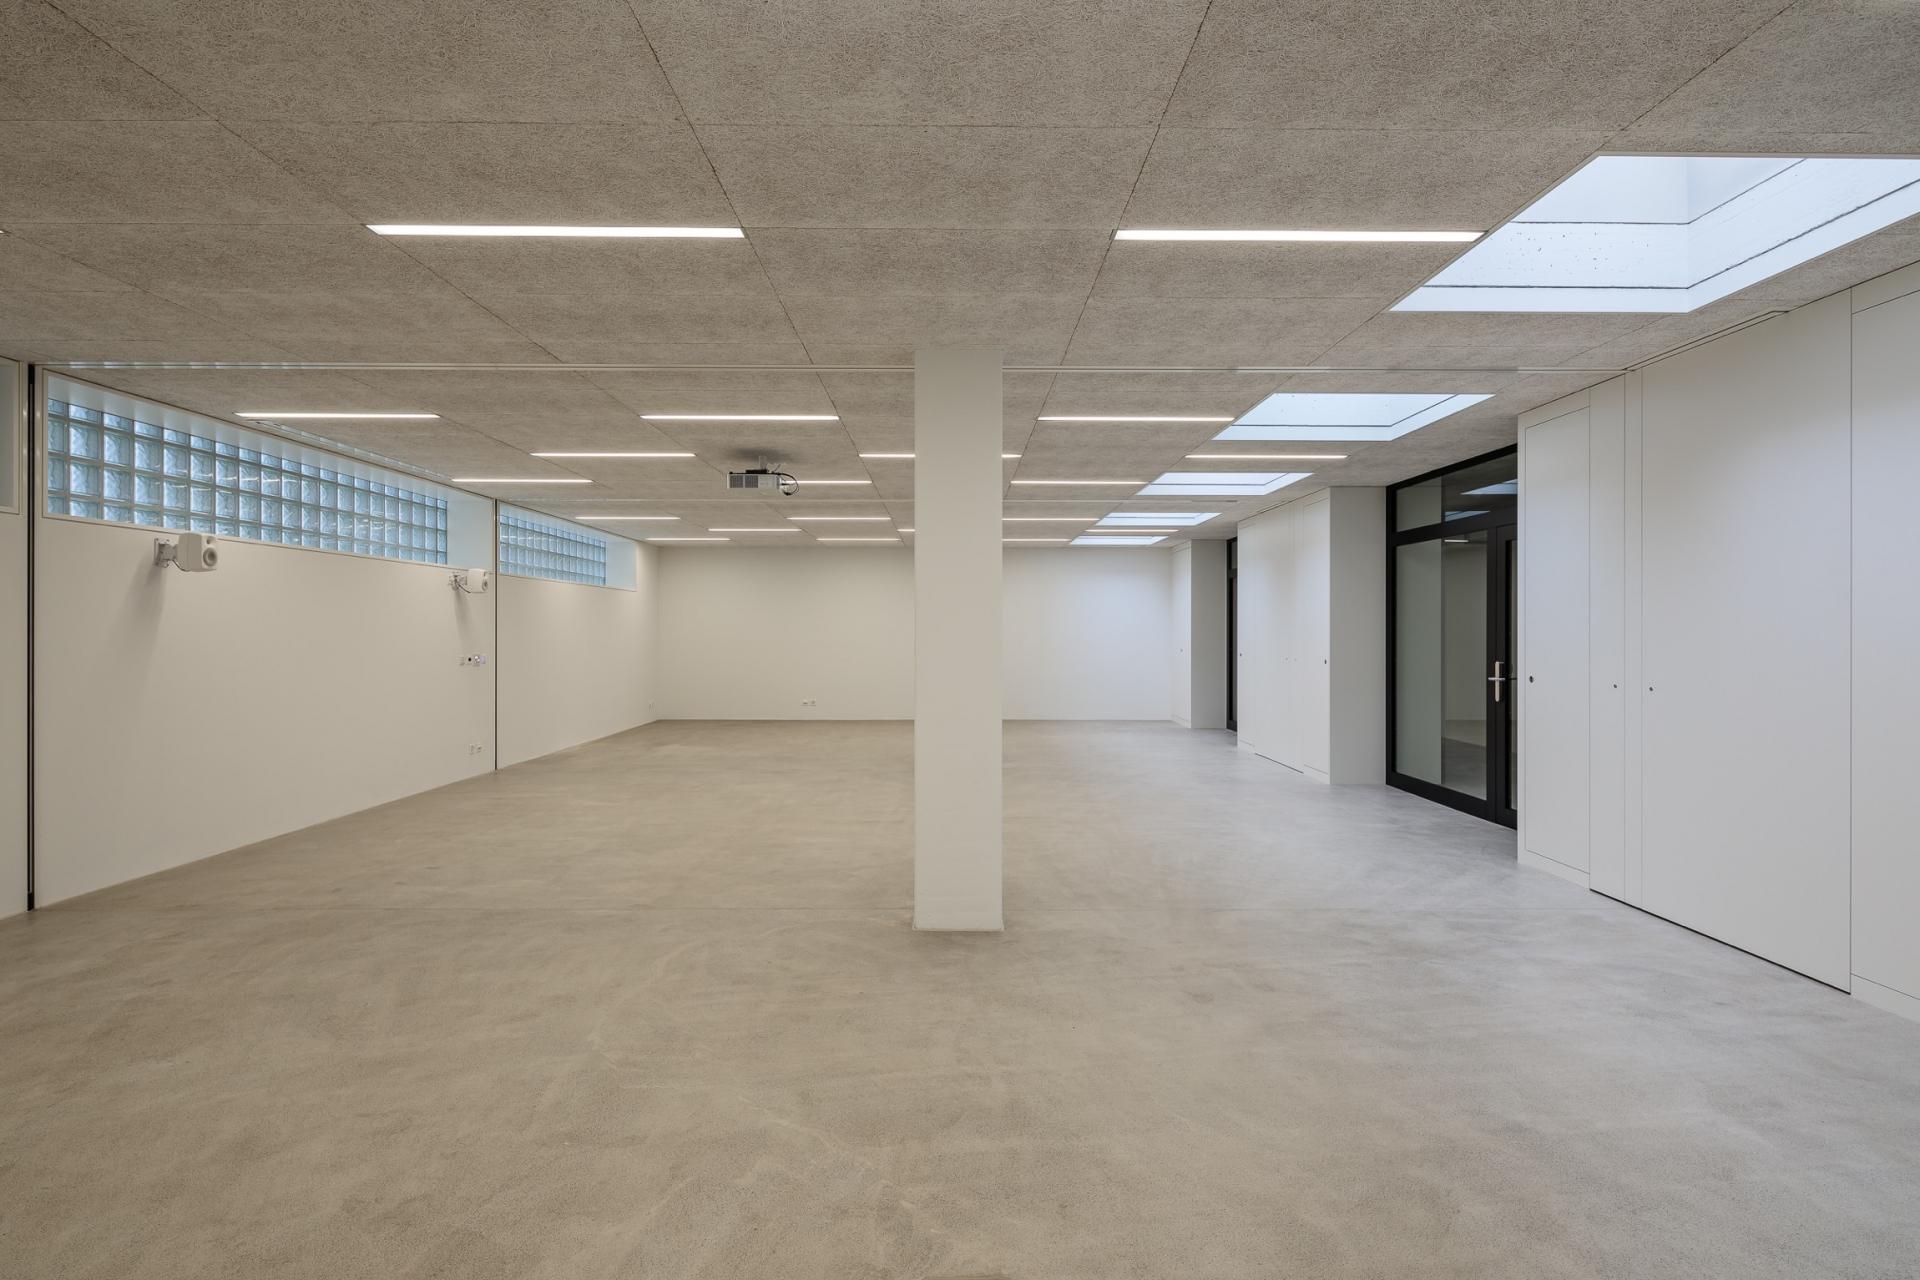 buan-architekten-umbau bueroraeume unterlachenstrasse ig arbeit-luzern-grossraum-2